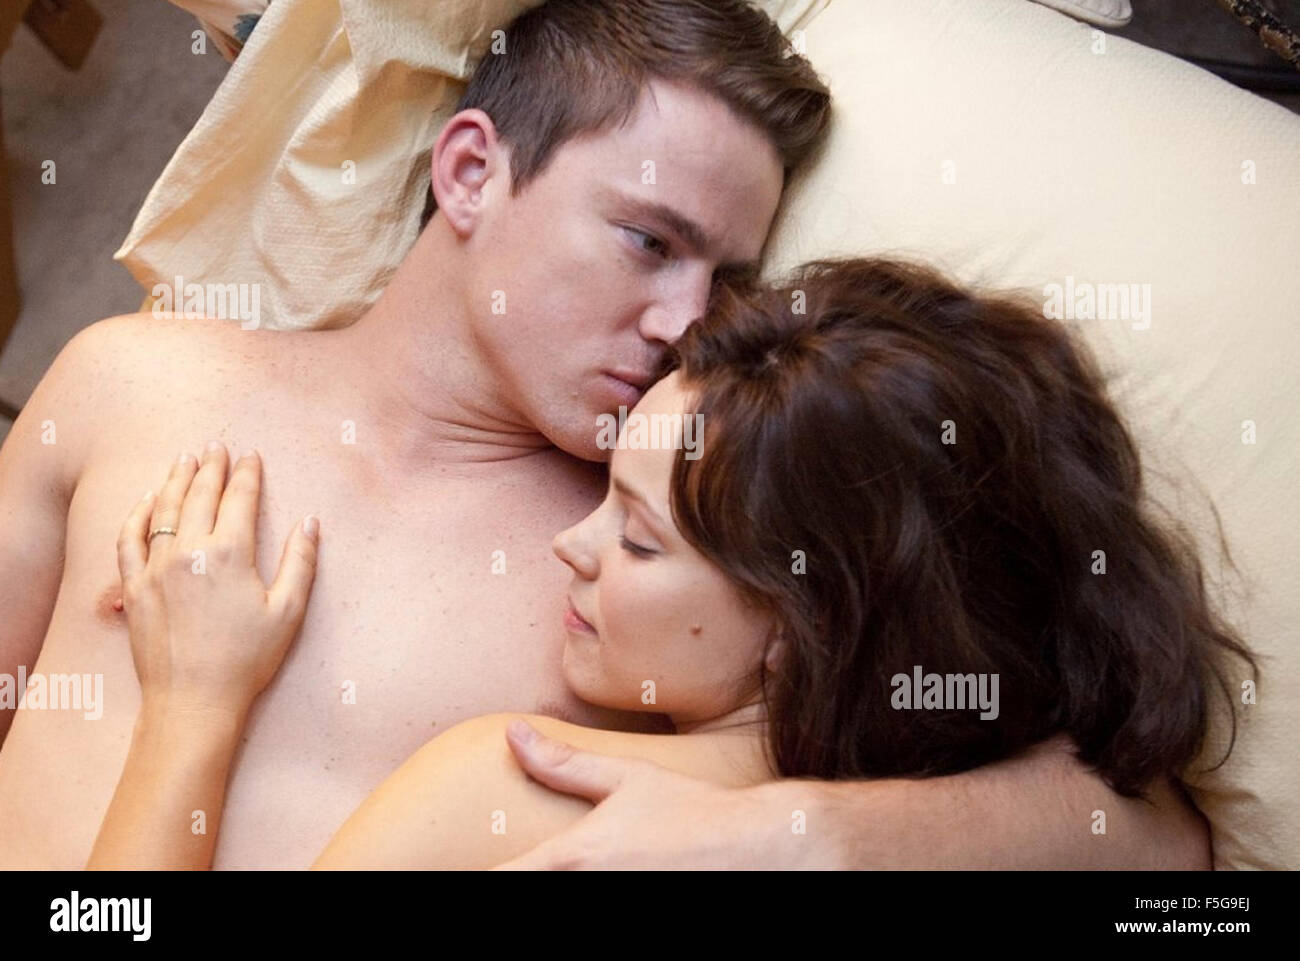 DIE Gelübde 2012 Columbia Pictures Film mit Rachel McAdams und Channing Tatum Stockbild